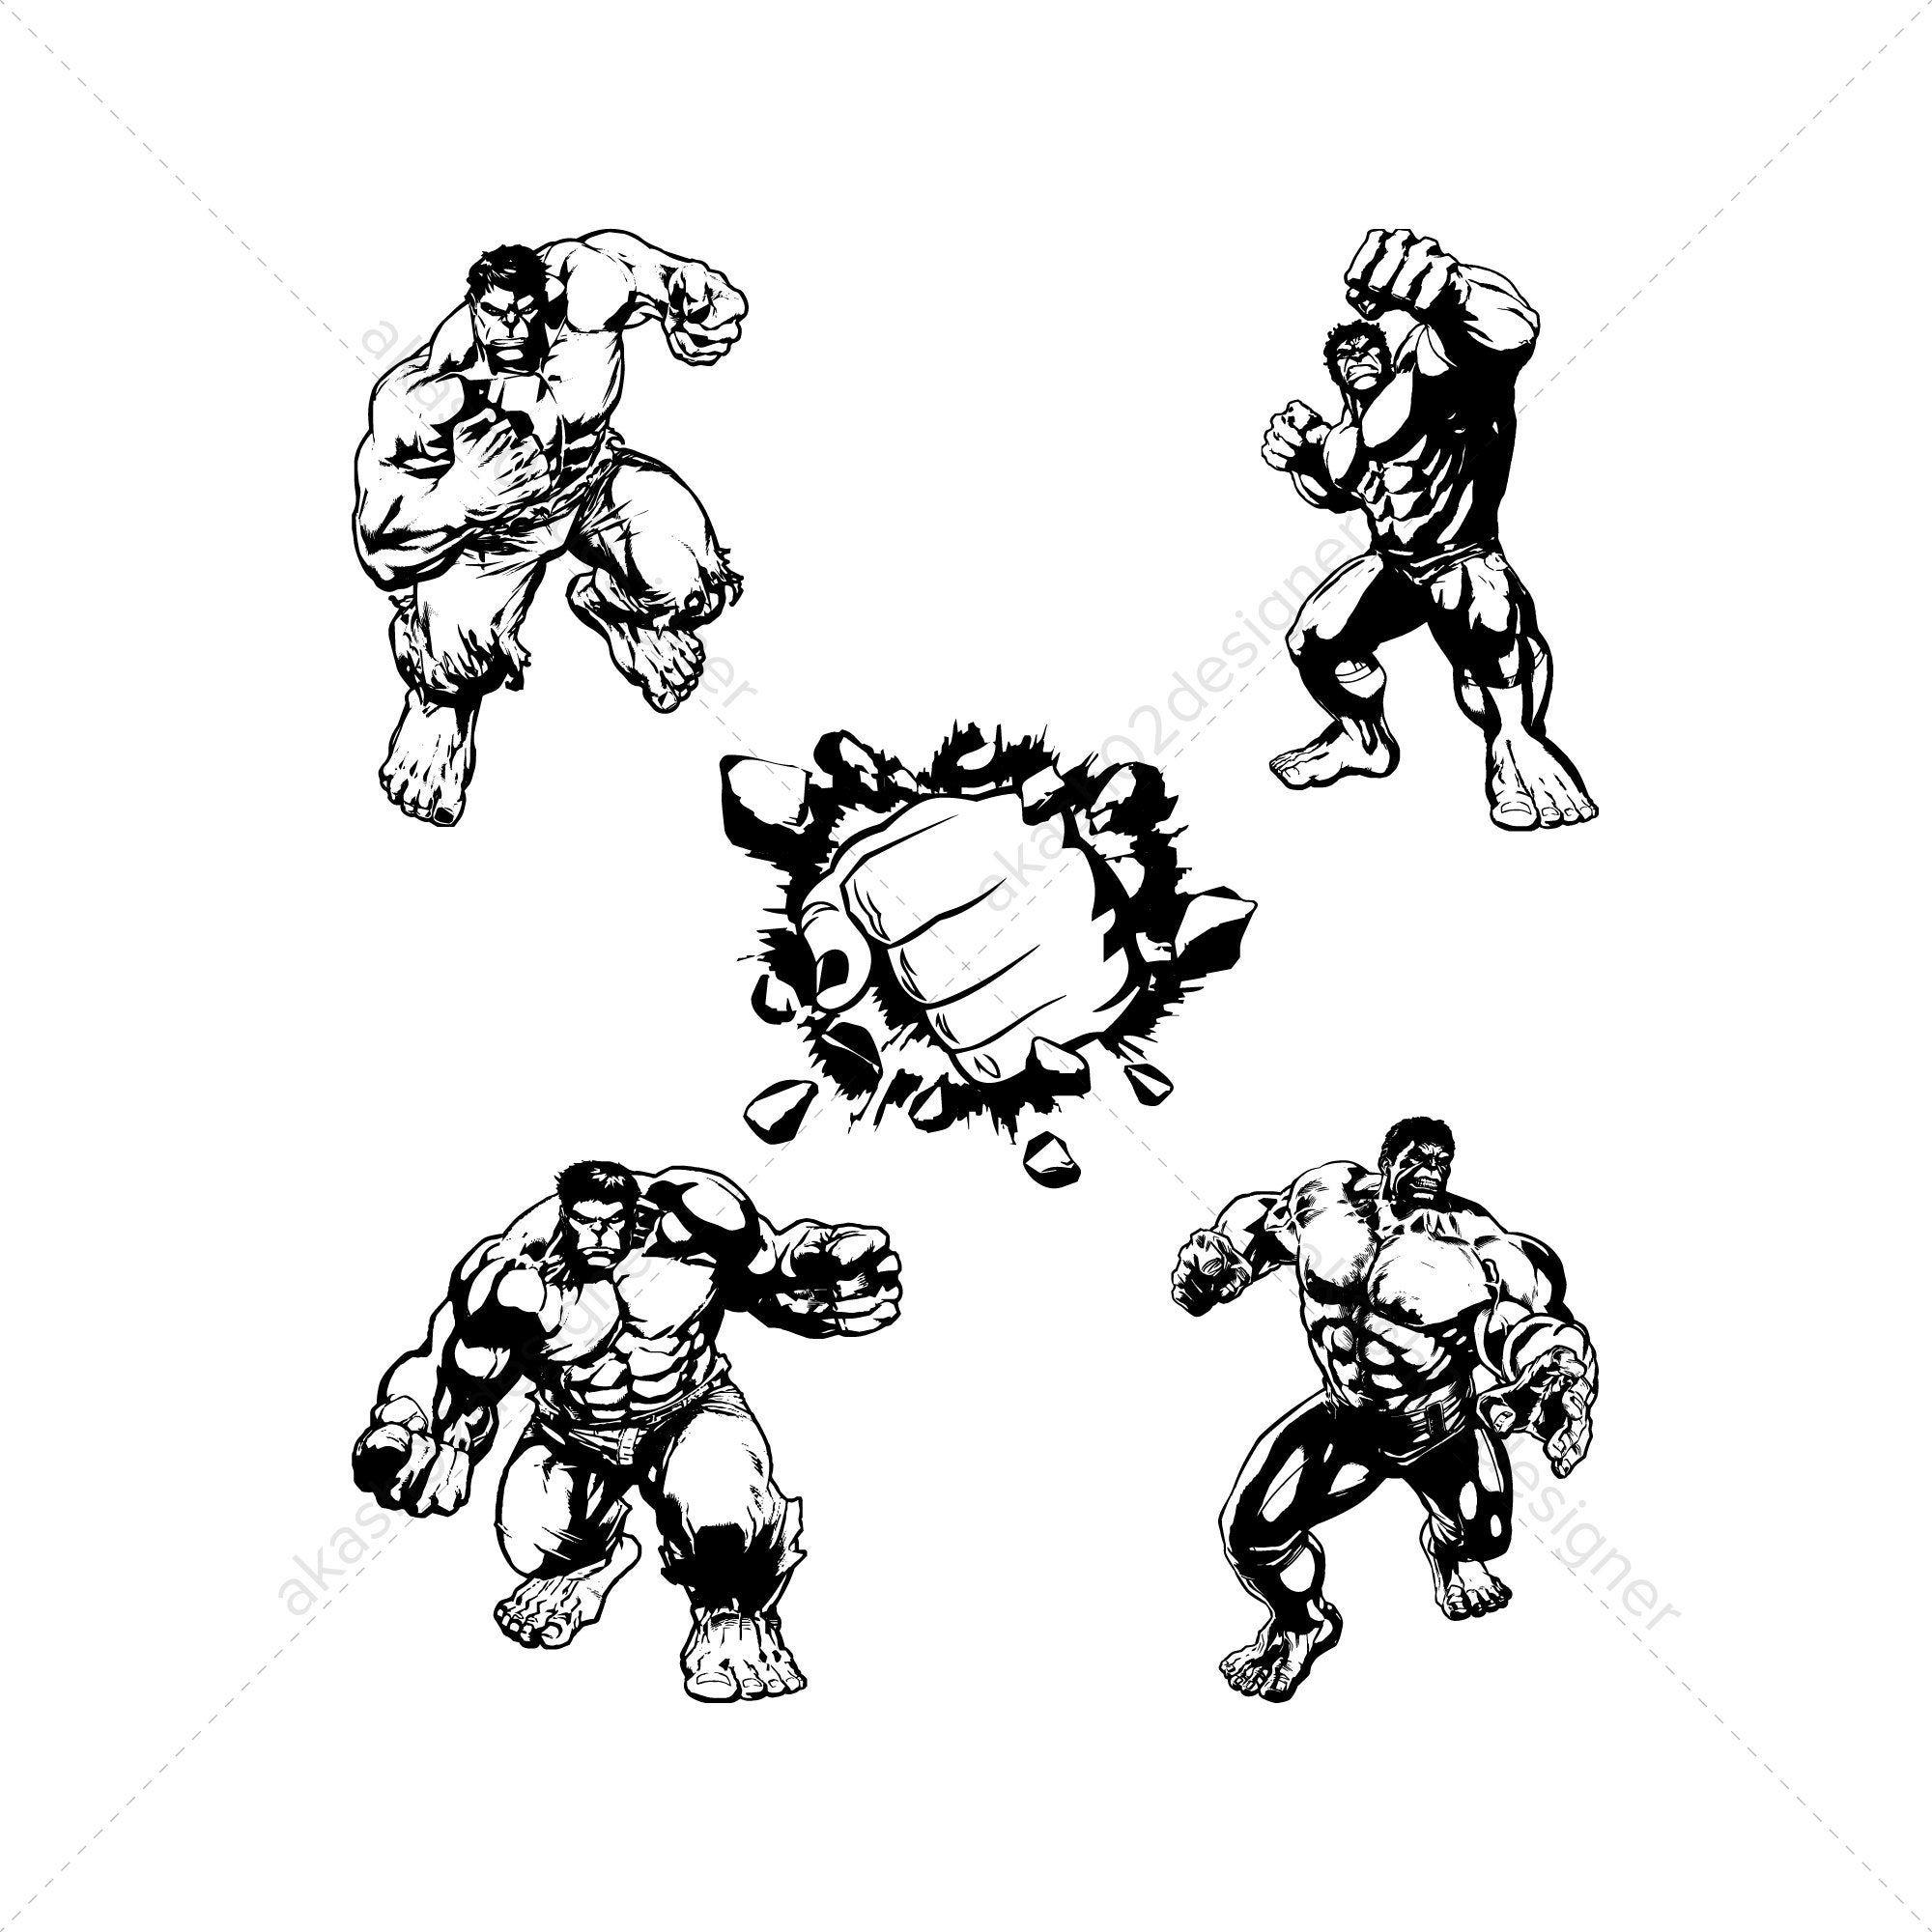 5 Hulk svg pack bundle png AI EPS vector digital file